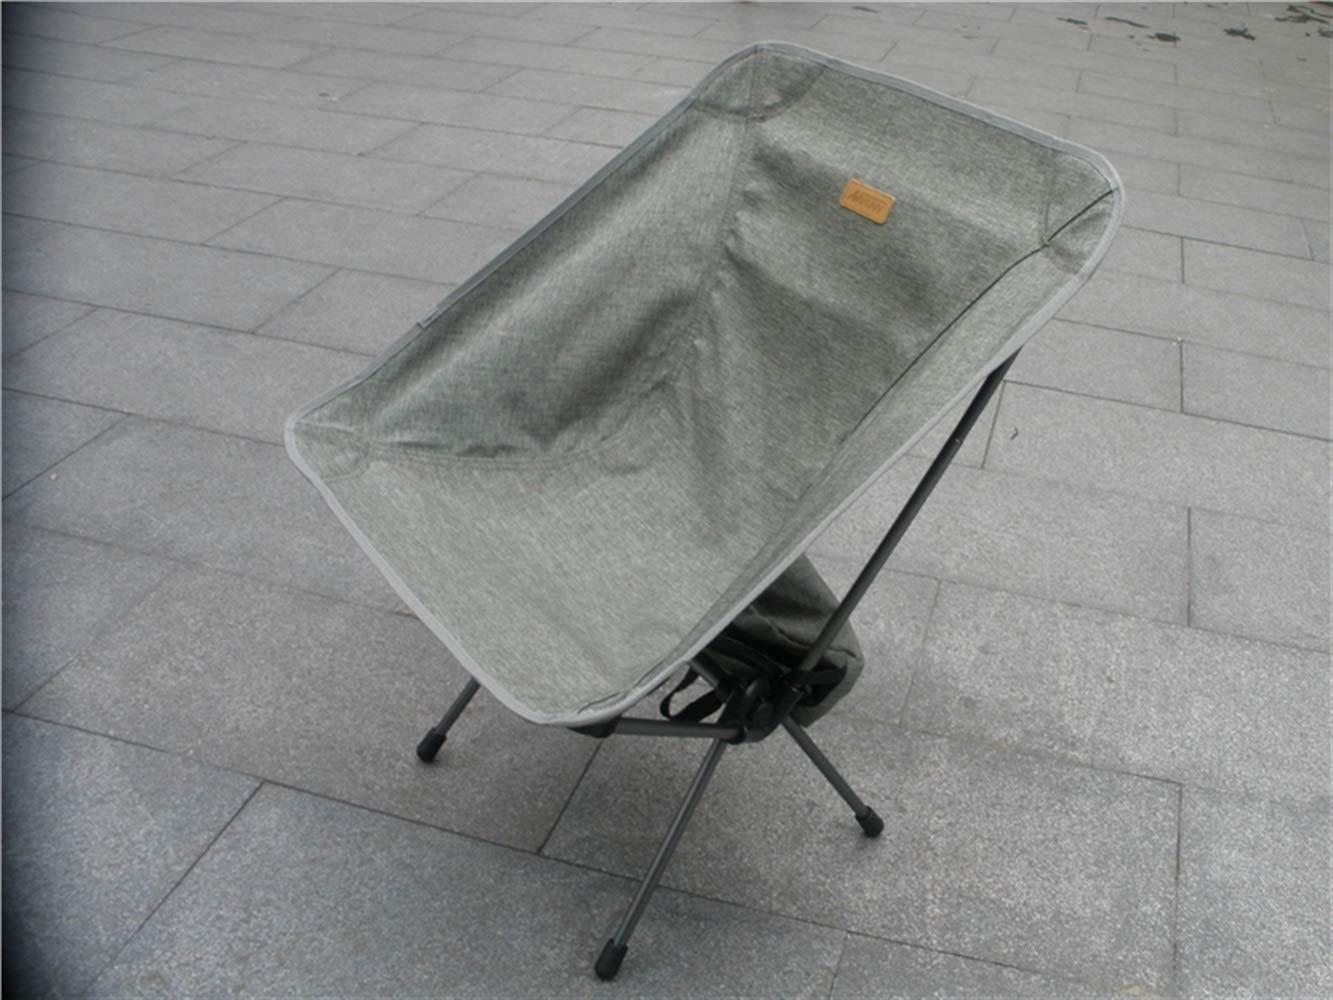 LMKIJN Bequemer Stuhl Tragbare Klapp Angeln Stuhl Recliner Camping Stuhl für Outdoor und Angeln (grau-grün) für den Urlaub